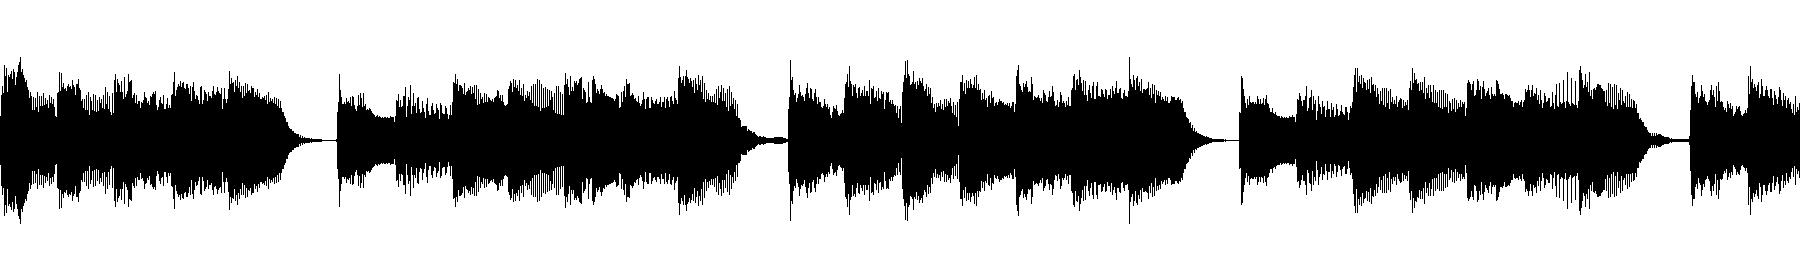 playboy c 153bpm dripchord